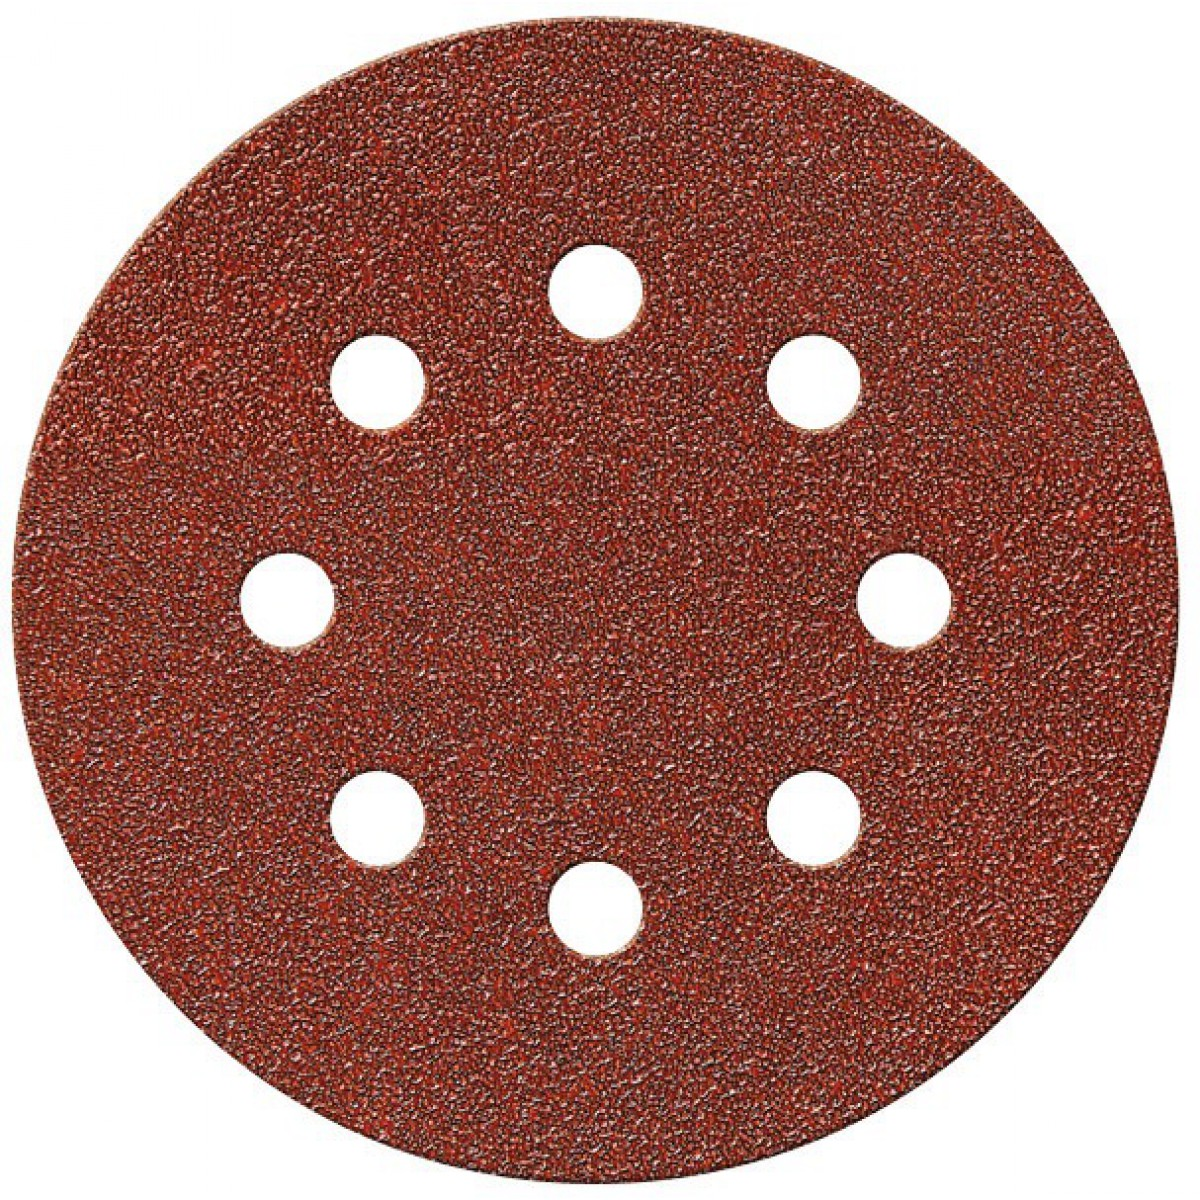 Disque auto-agrippant 8 trous SCID - Grain 80 - Diamètre 115 mm - Vendu par 5